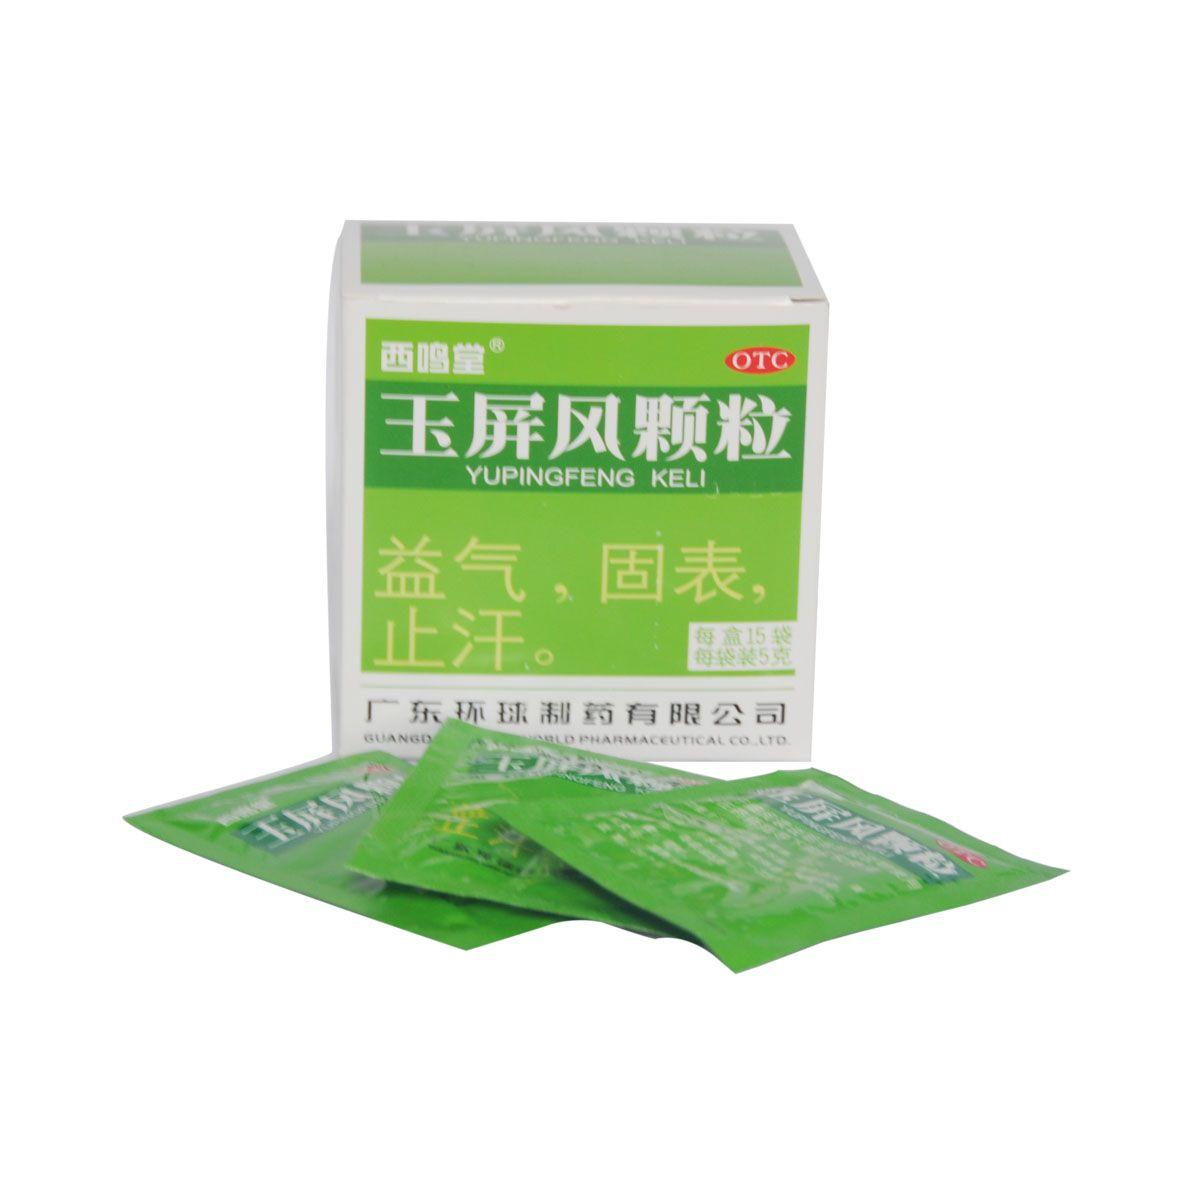 治疗过敏性鼻炎用玉屏风散颗粒和辛芩颗粒哪个好